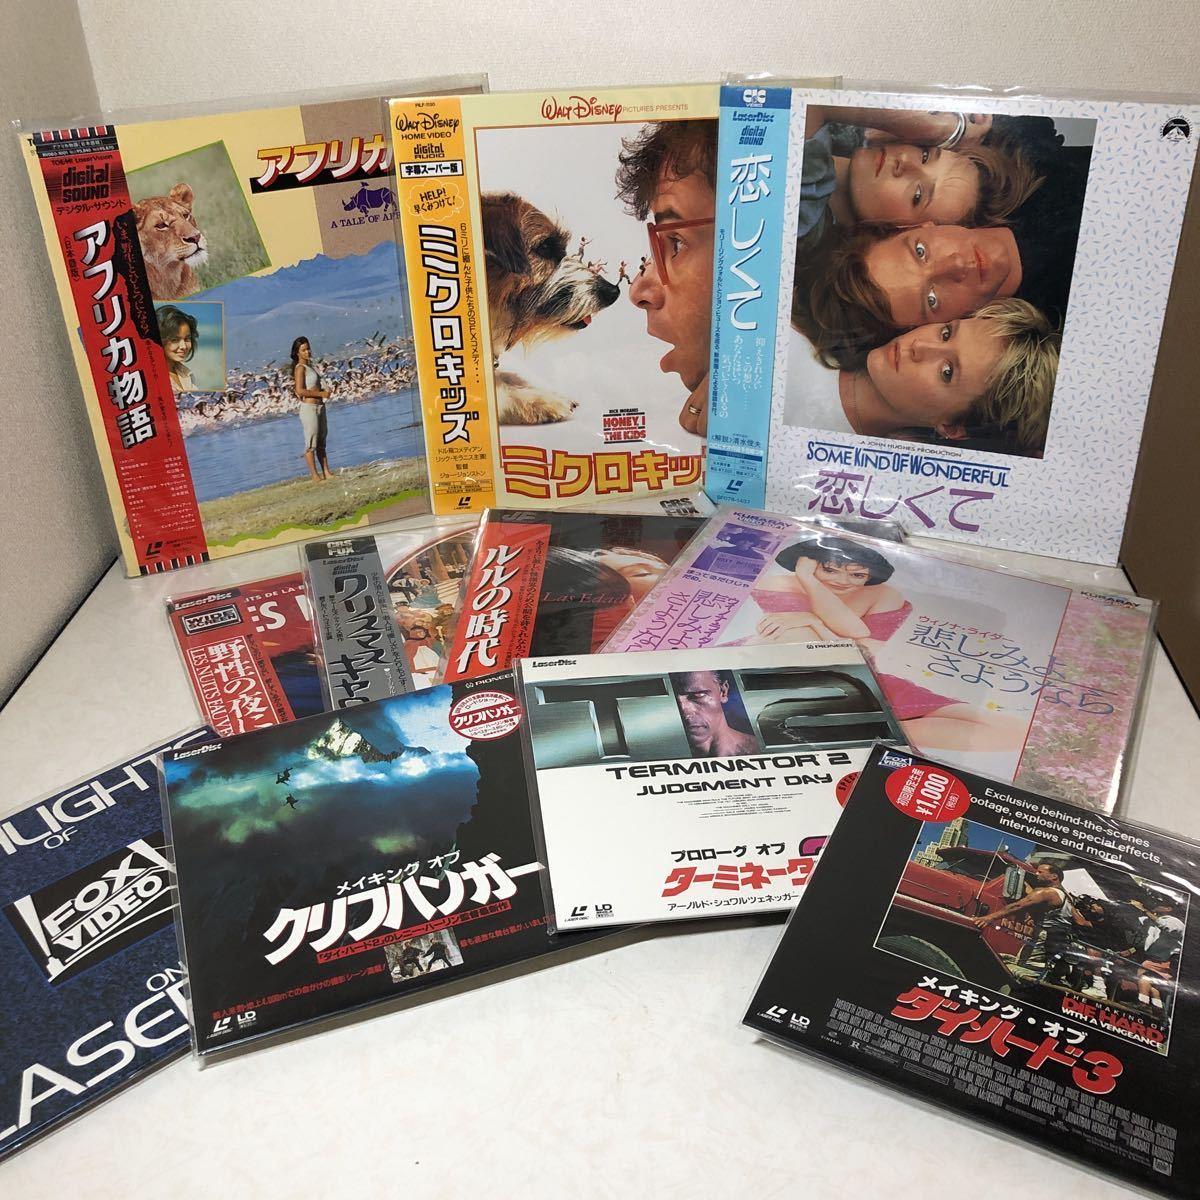 LD レーザーディスク 大量セット 洋画 11点セット_画像1